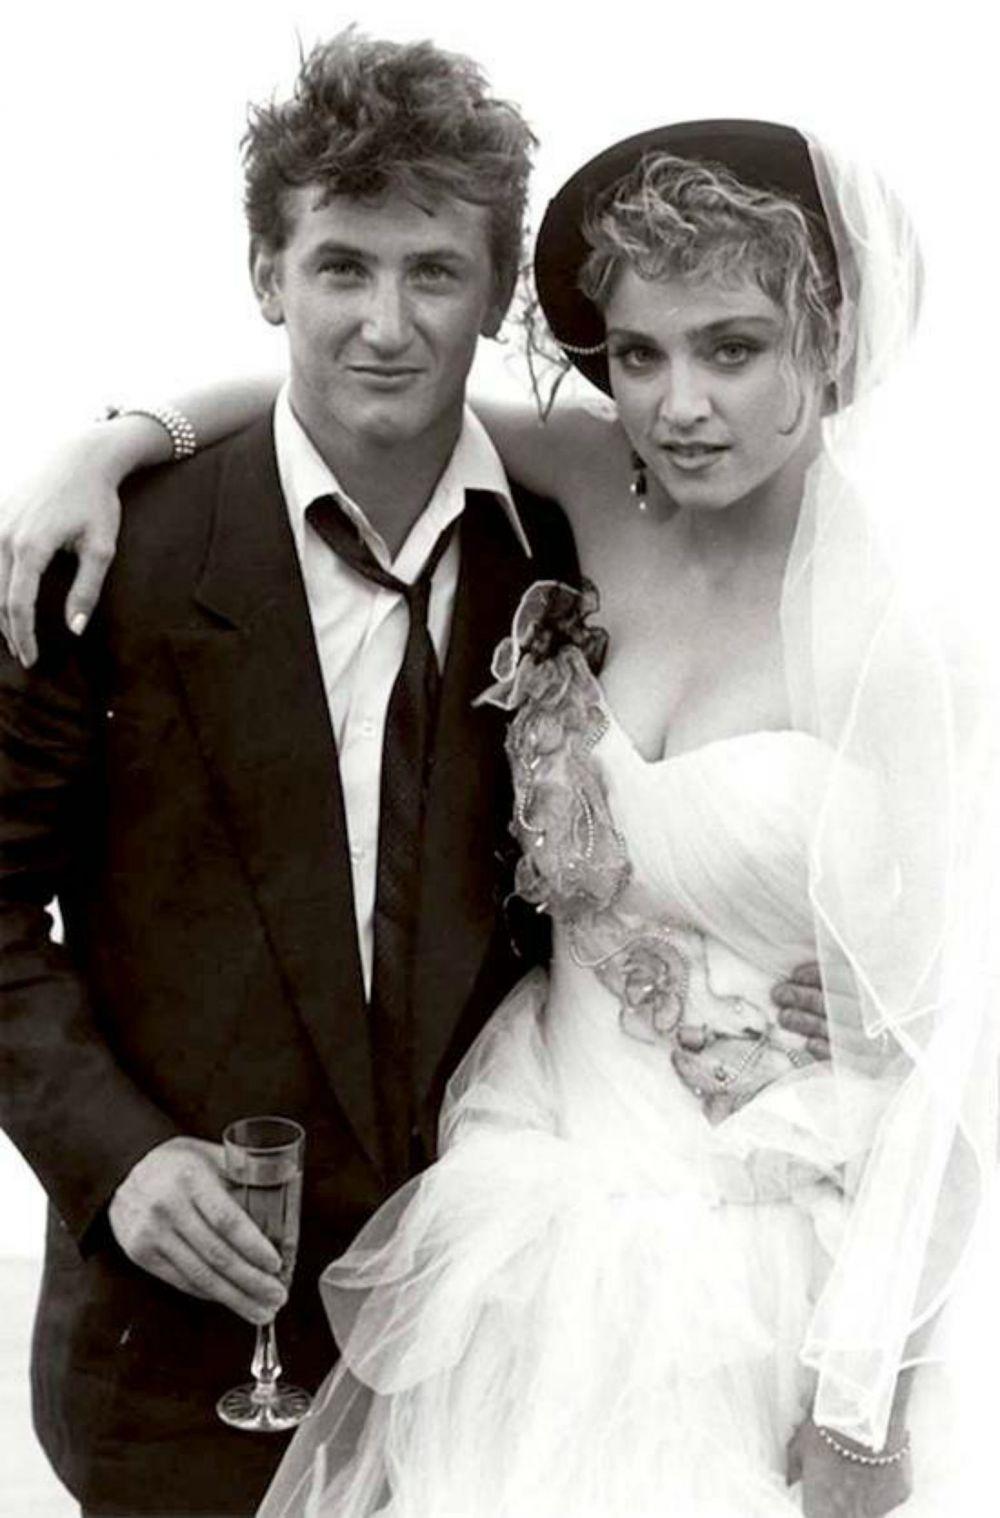 6c71a777842 В 1985 году звезда поп-музыки Мадонна Луиза Чикконе вышла замуж за  голливудского актера Шона Пенна. Как и все